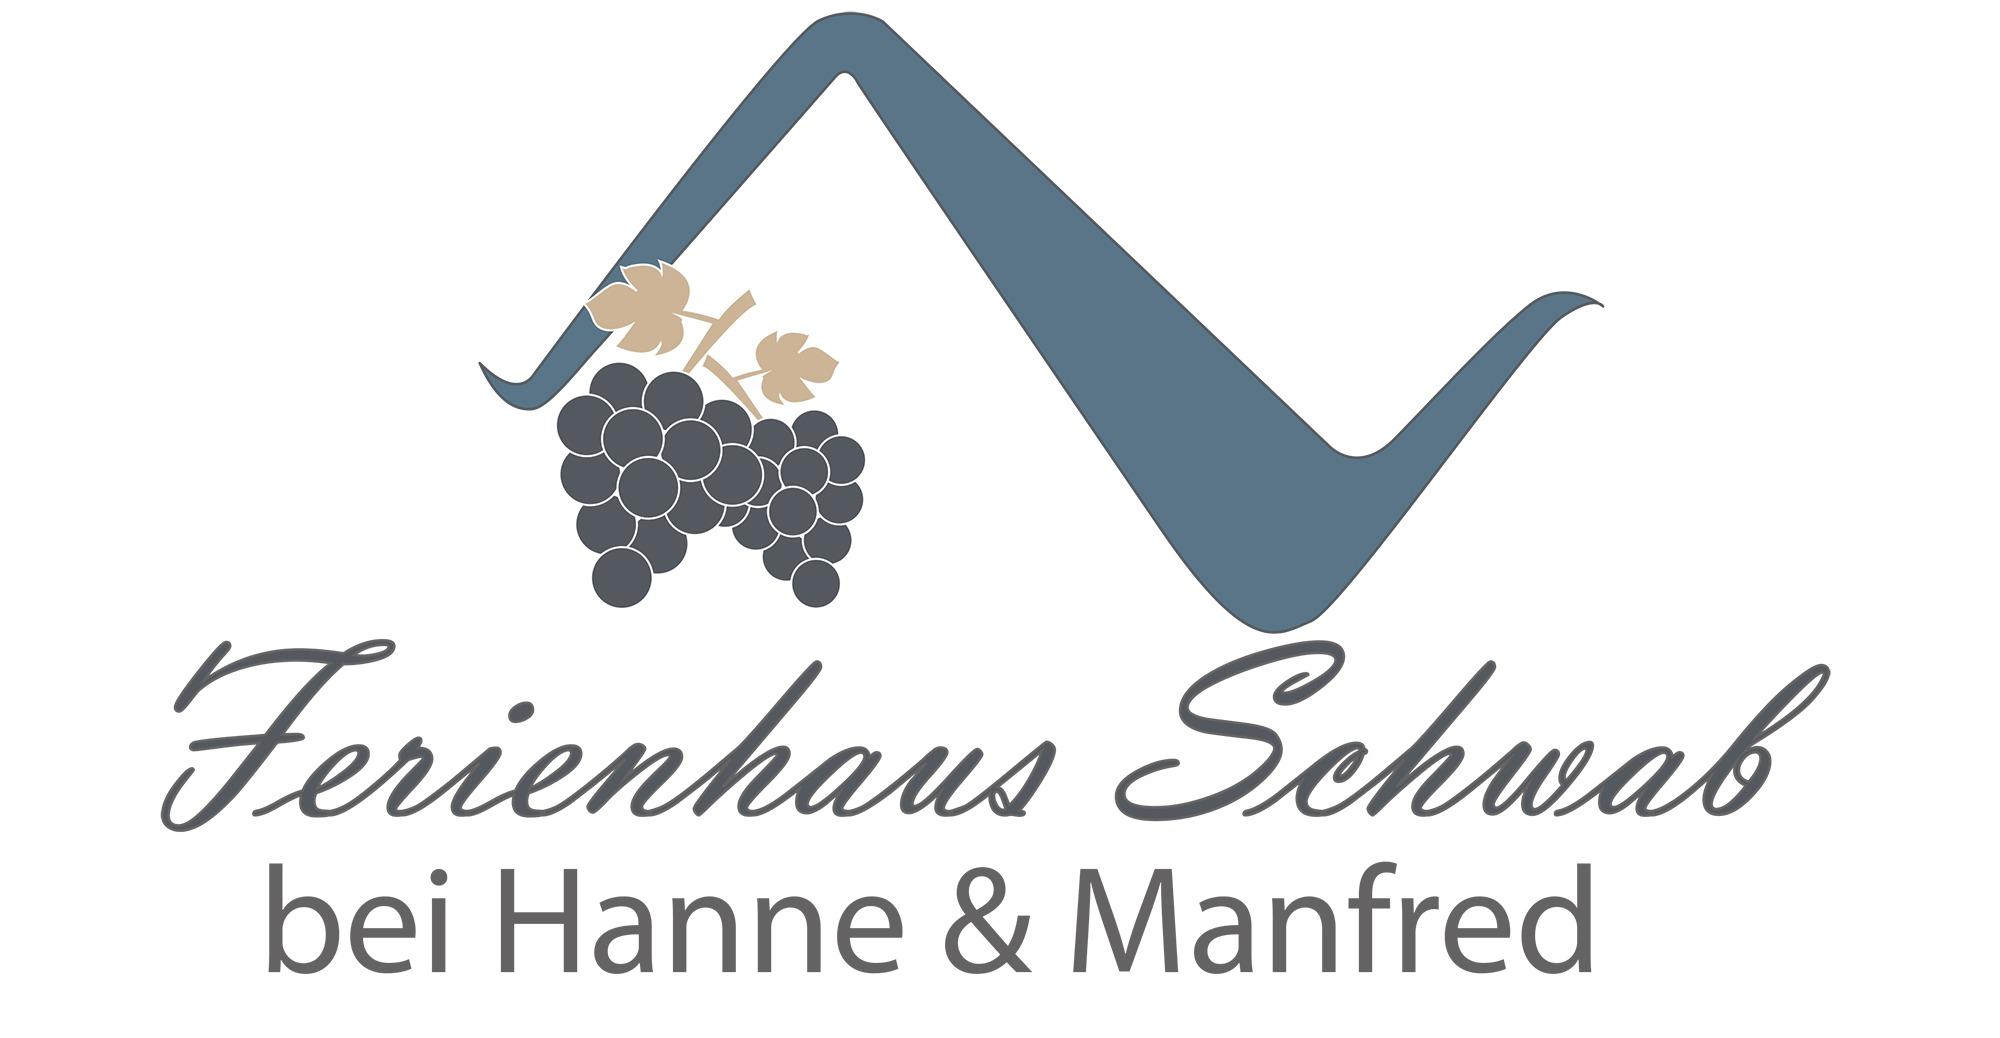 Logo Ferienhaus Schwab bei Hanne & Manfred